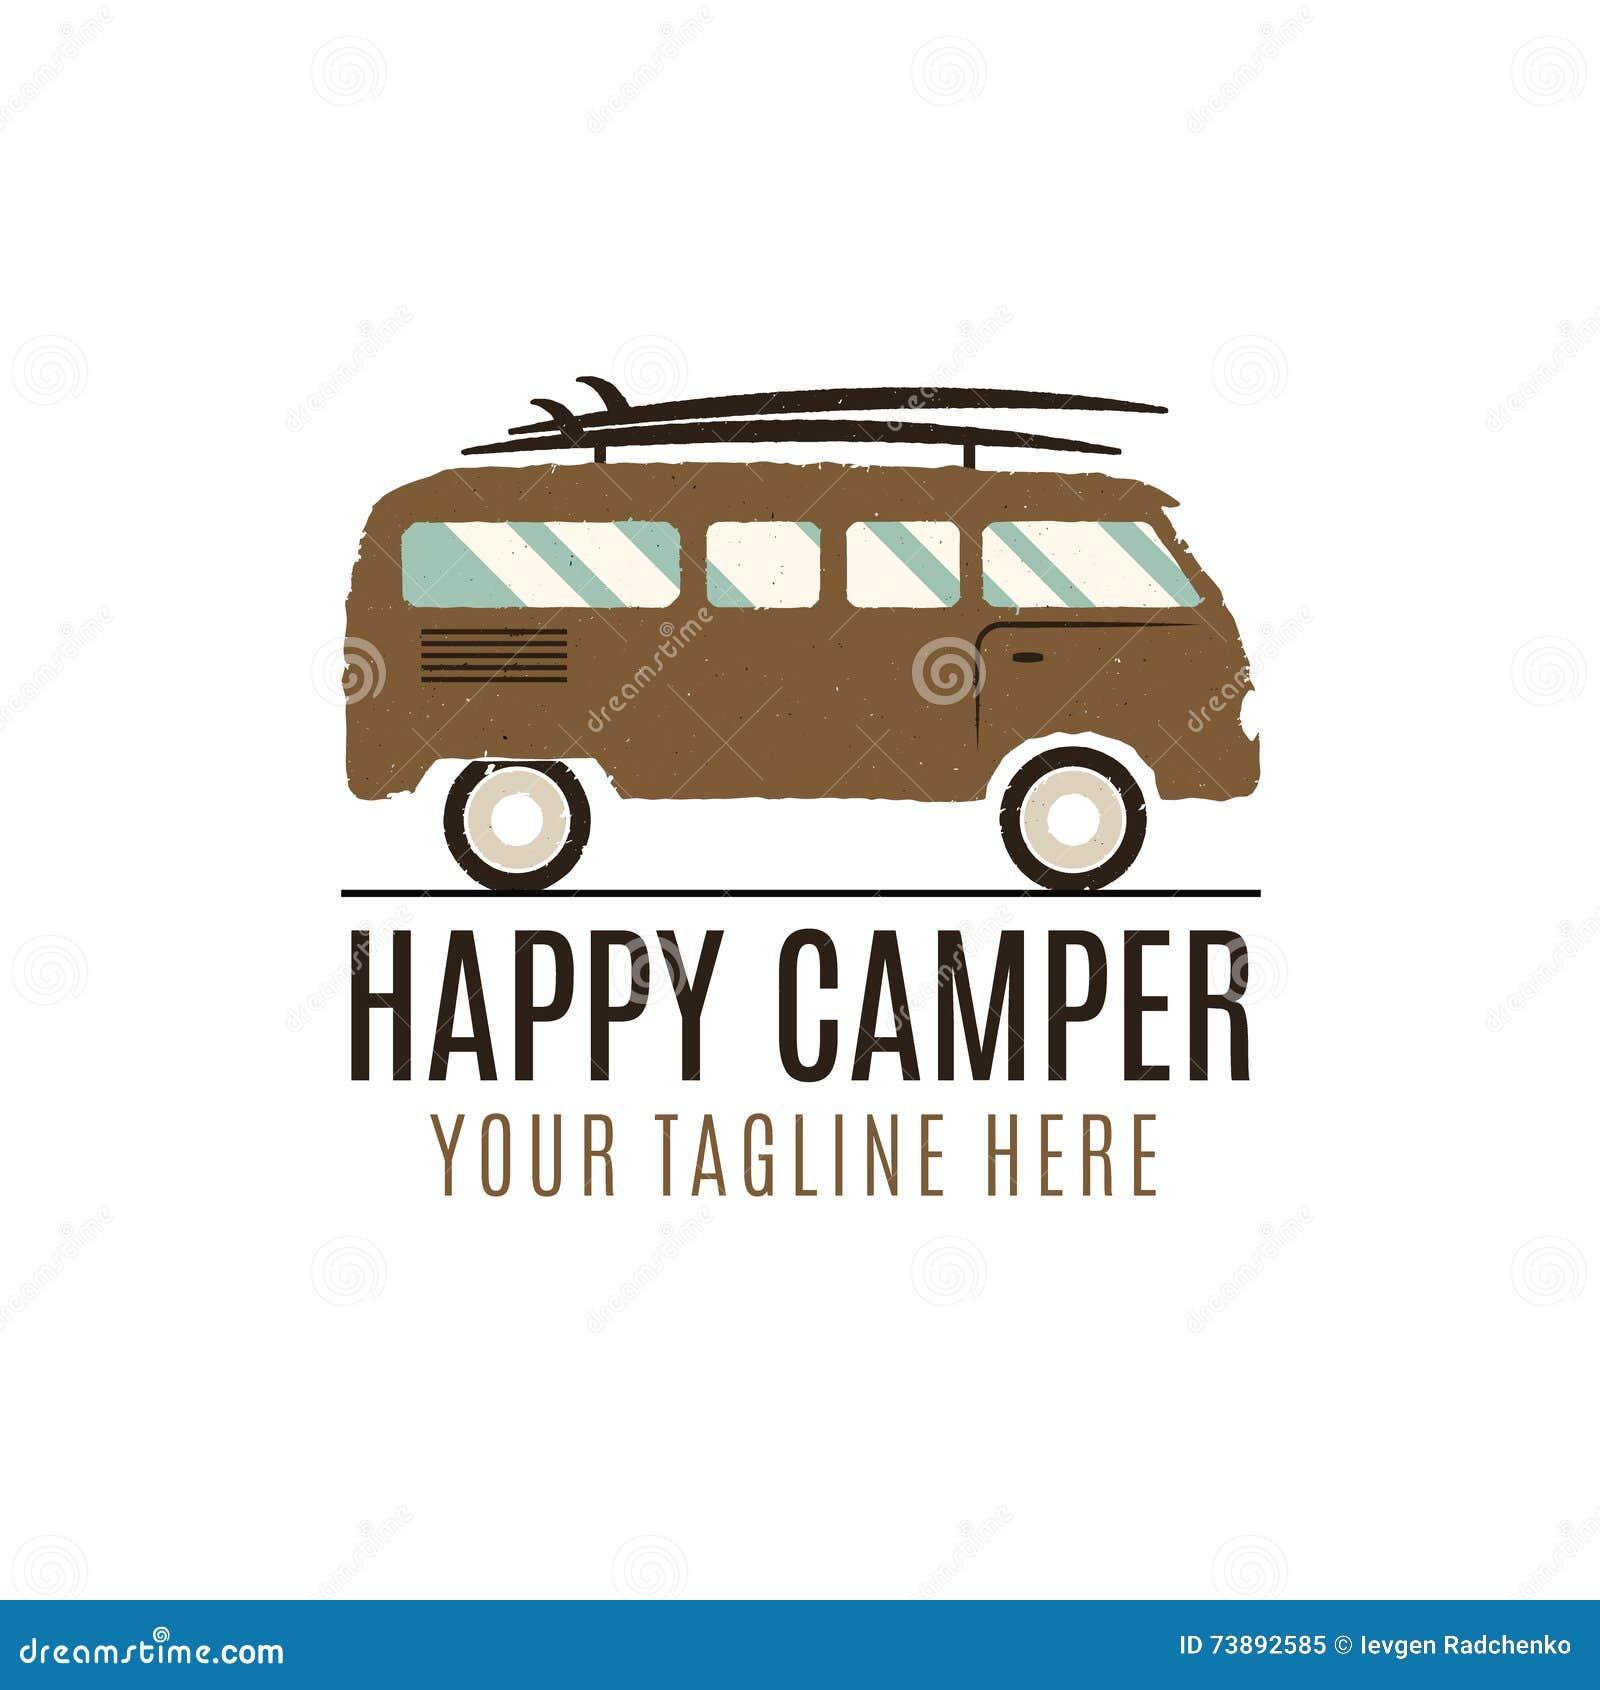 Happy Camper Logo Design. Vintage Bus Illustration. RV